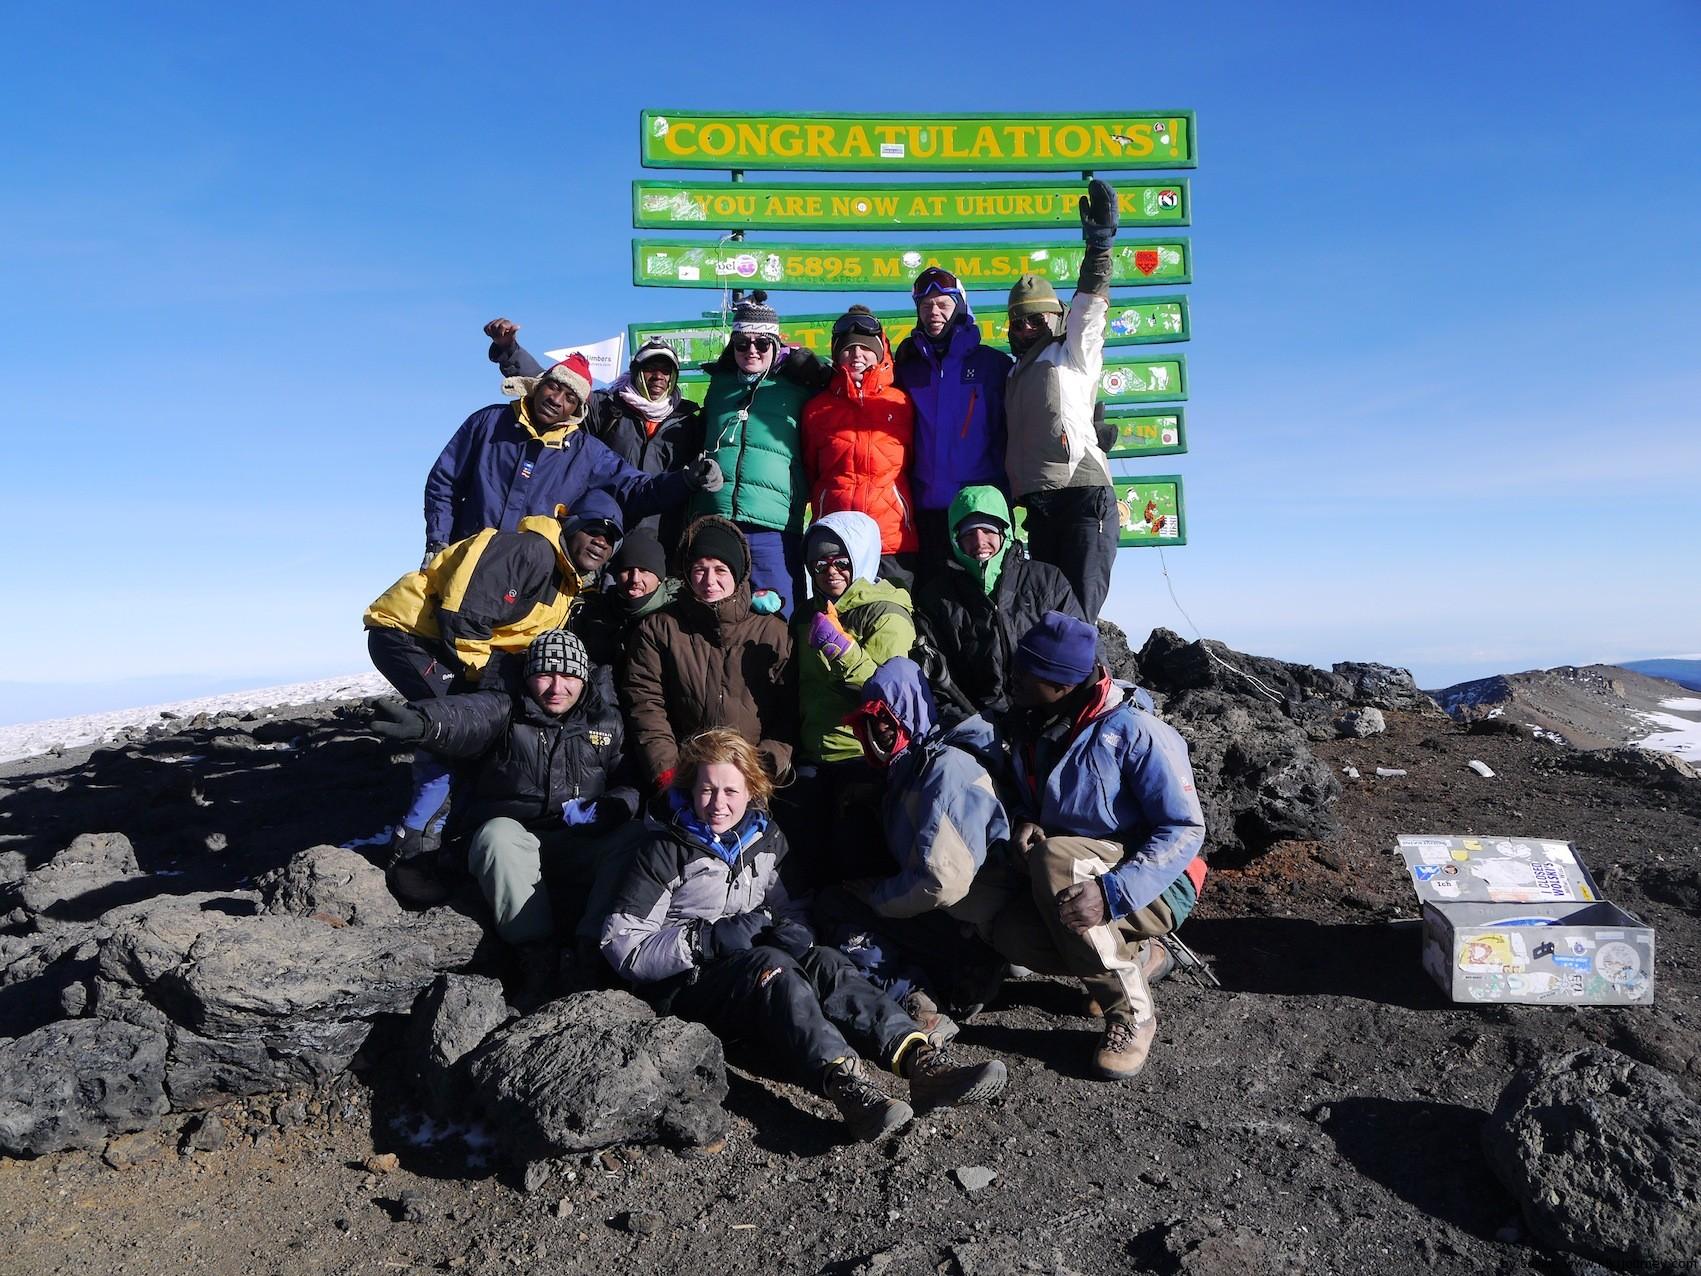 Kilimanjaro Uhuru Peak Group Photo